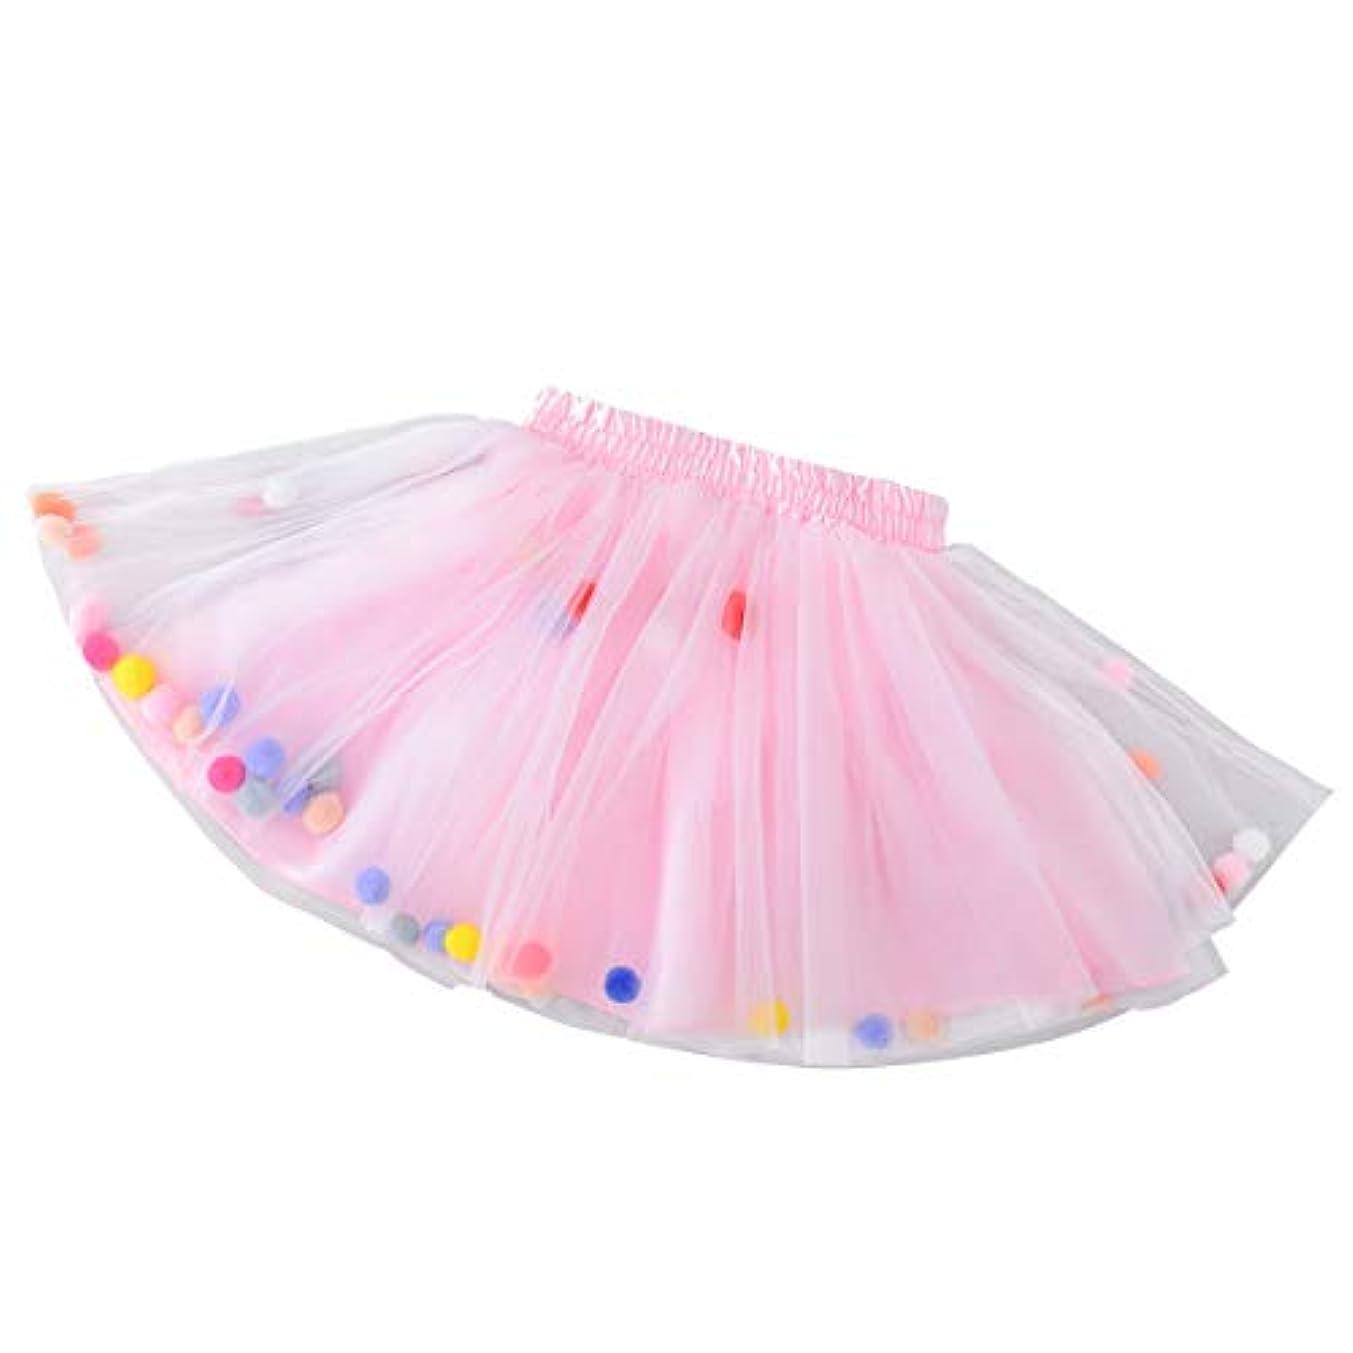 スポーツの試合を担当している人想起ティーンエイジャーYeahiBaby 子供チュチュスカートラブリーピンクミディスカートカラフルなファジーボールガーゼスカートプリンセスドレス衣装用女の子(サイズl)